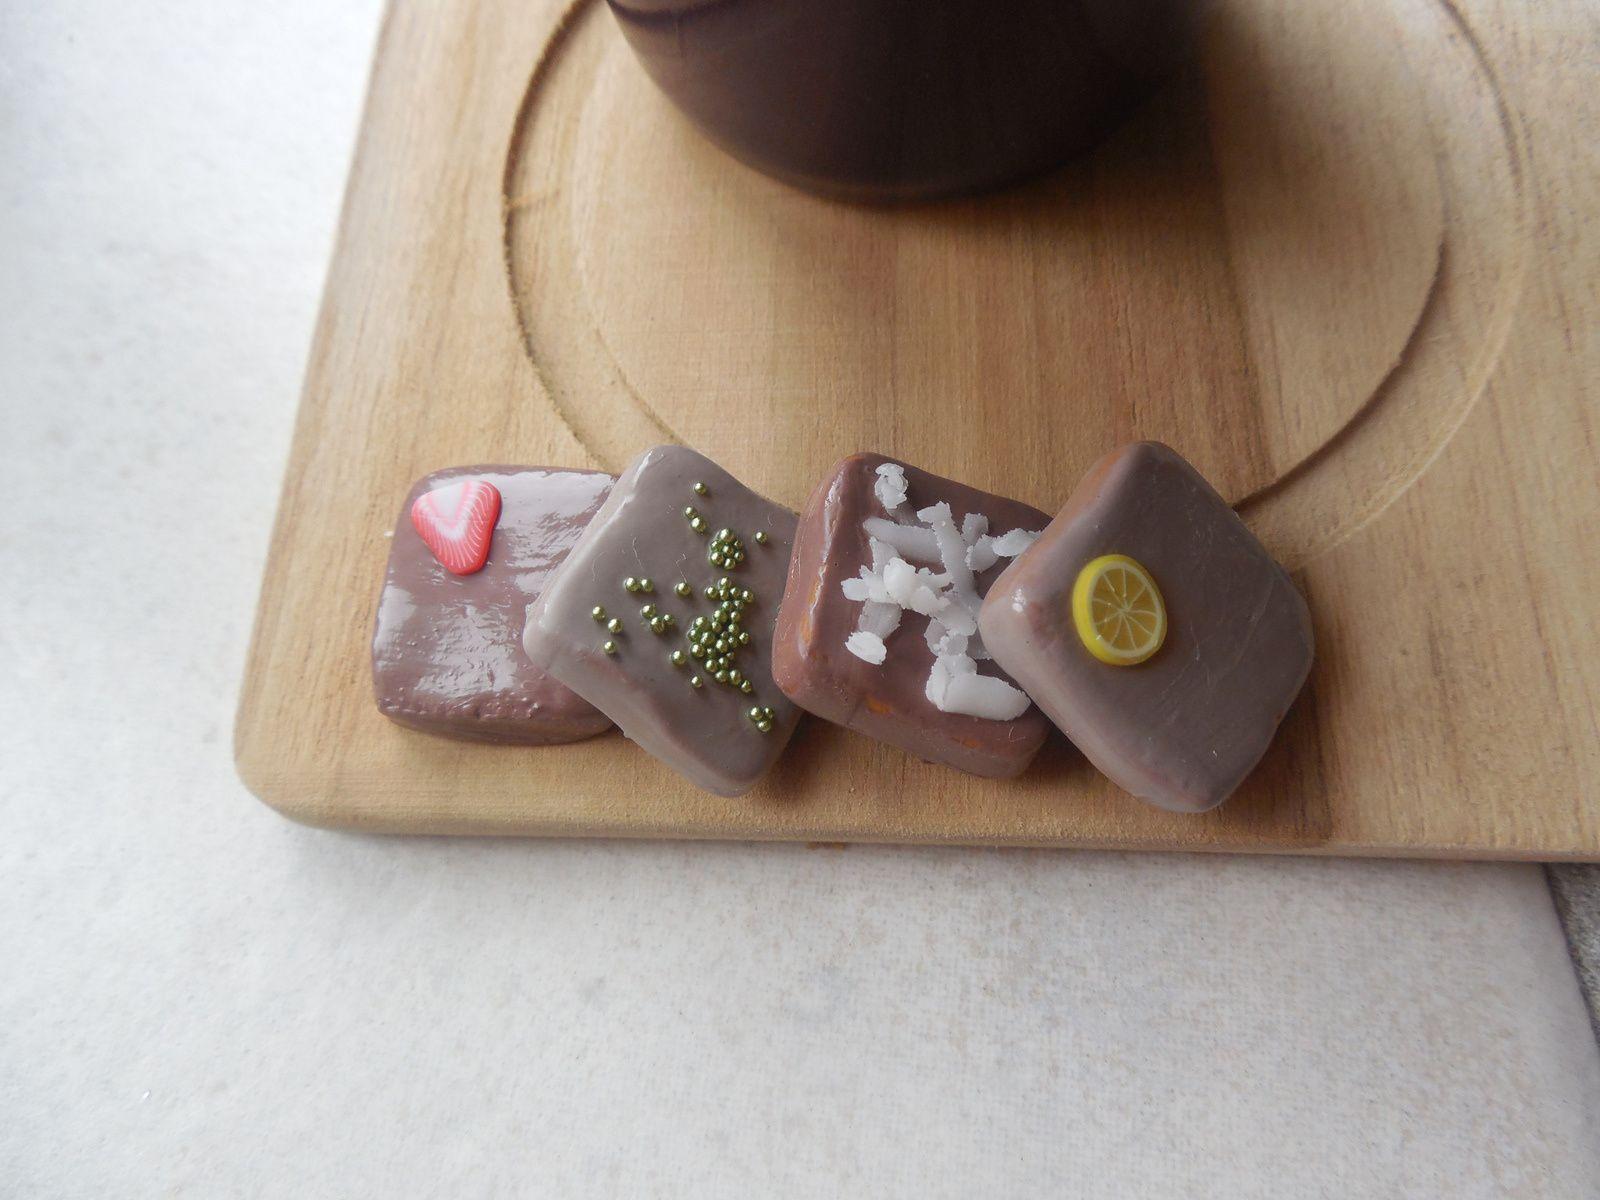 Réalisé avec de la pâte fimo caramel recouvert de vernis à ongles marron. Décoration : tranche de canne fraise, microbilles vert nacre, chutes de pâte blanche (noix de coco), tranche de canne citron.